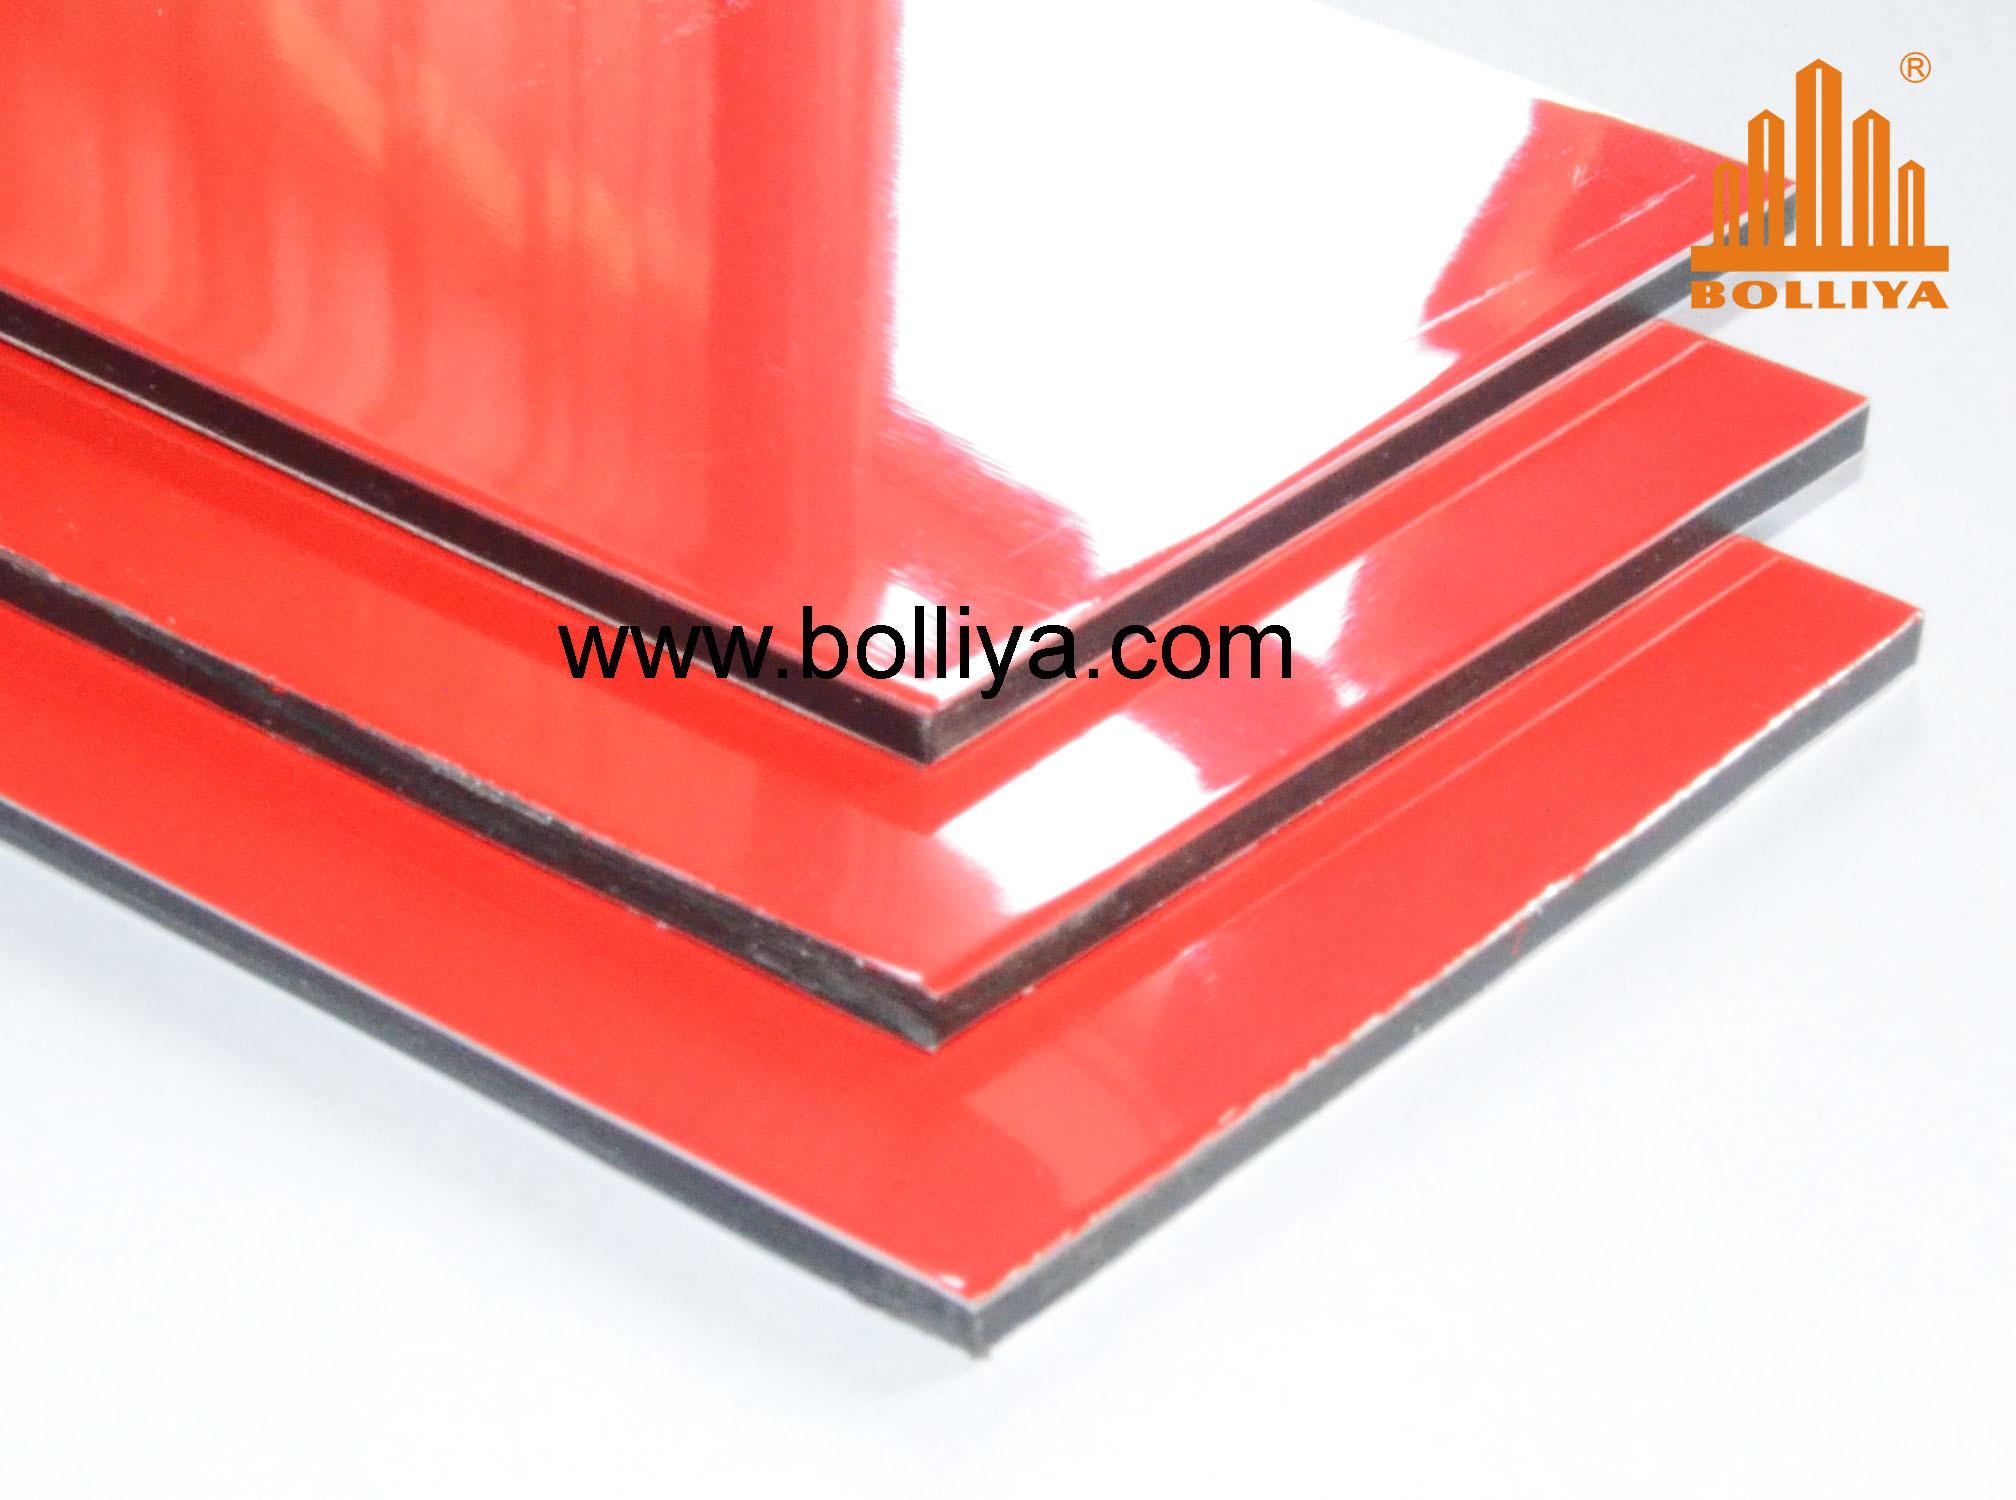 Acm Signage Panels / Aluminum Composite Signage / 3020 Traffic Red